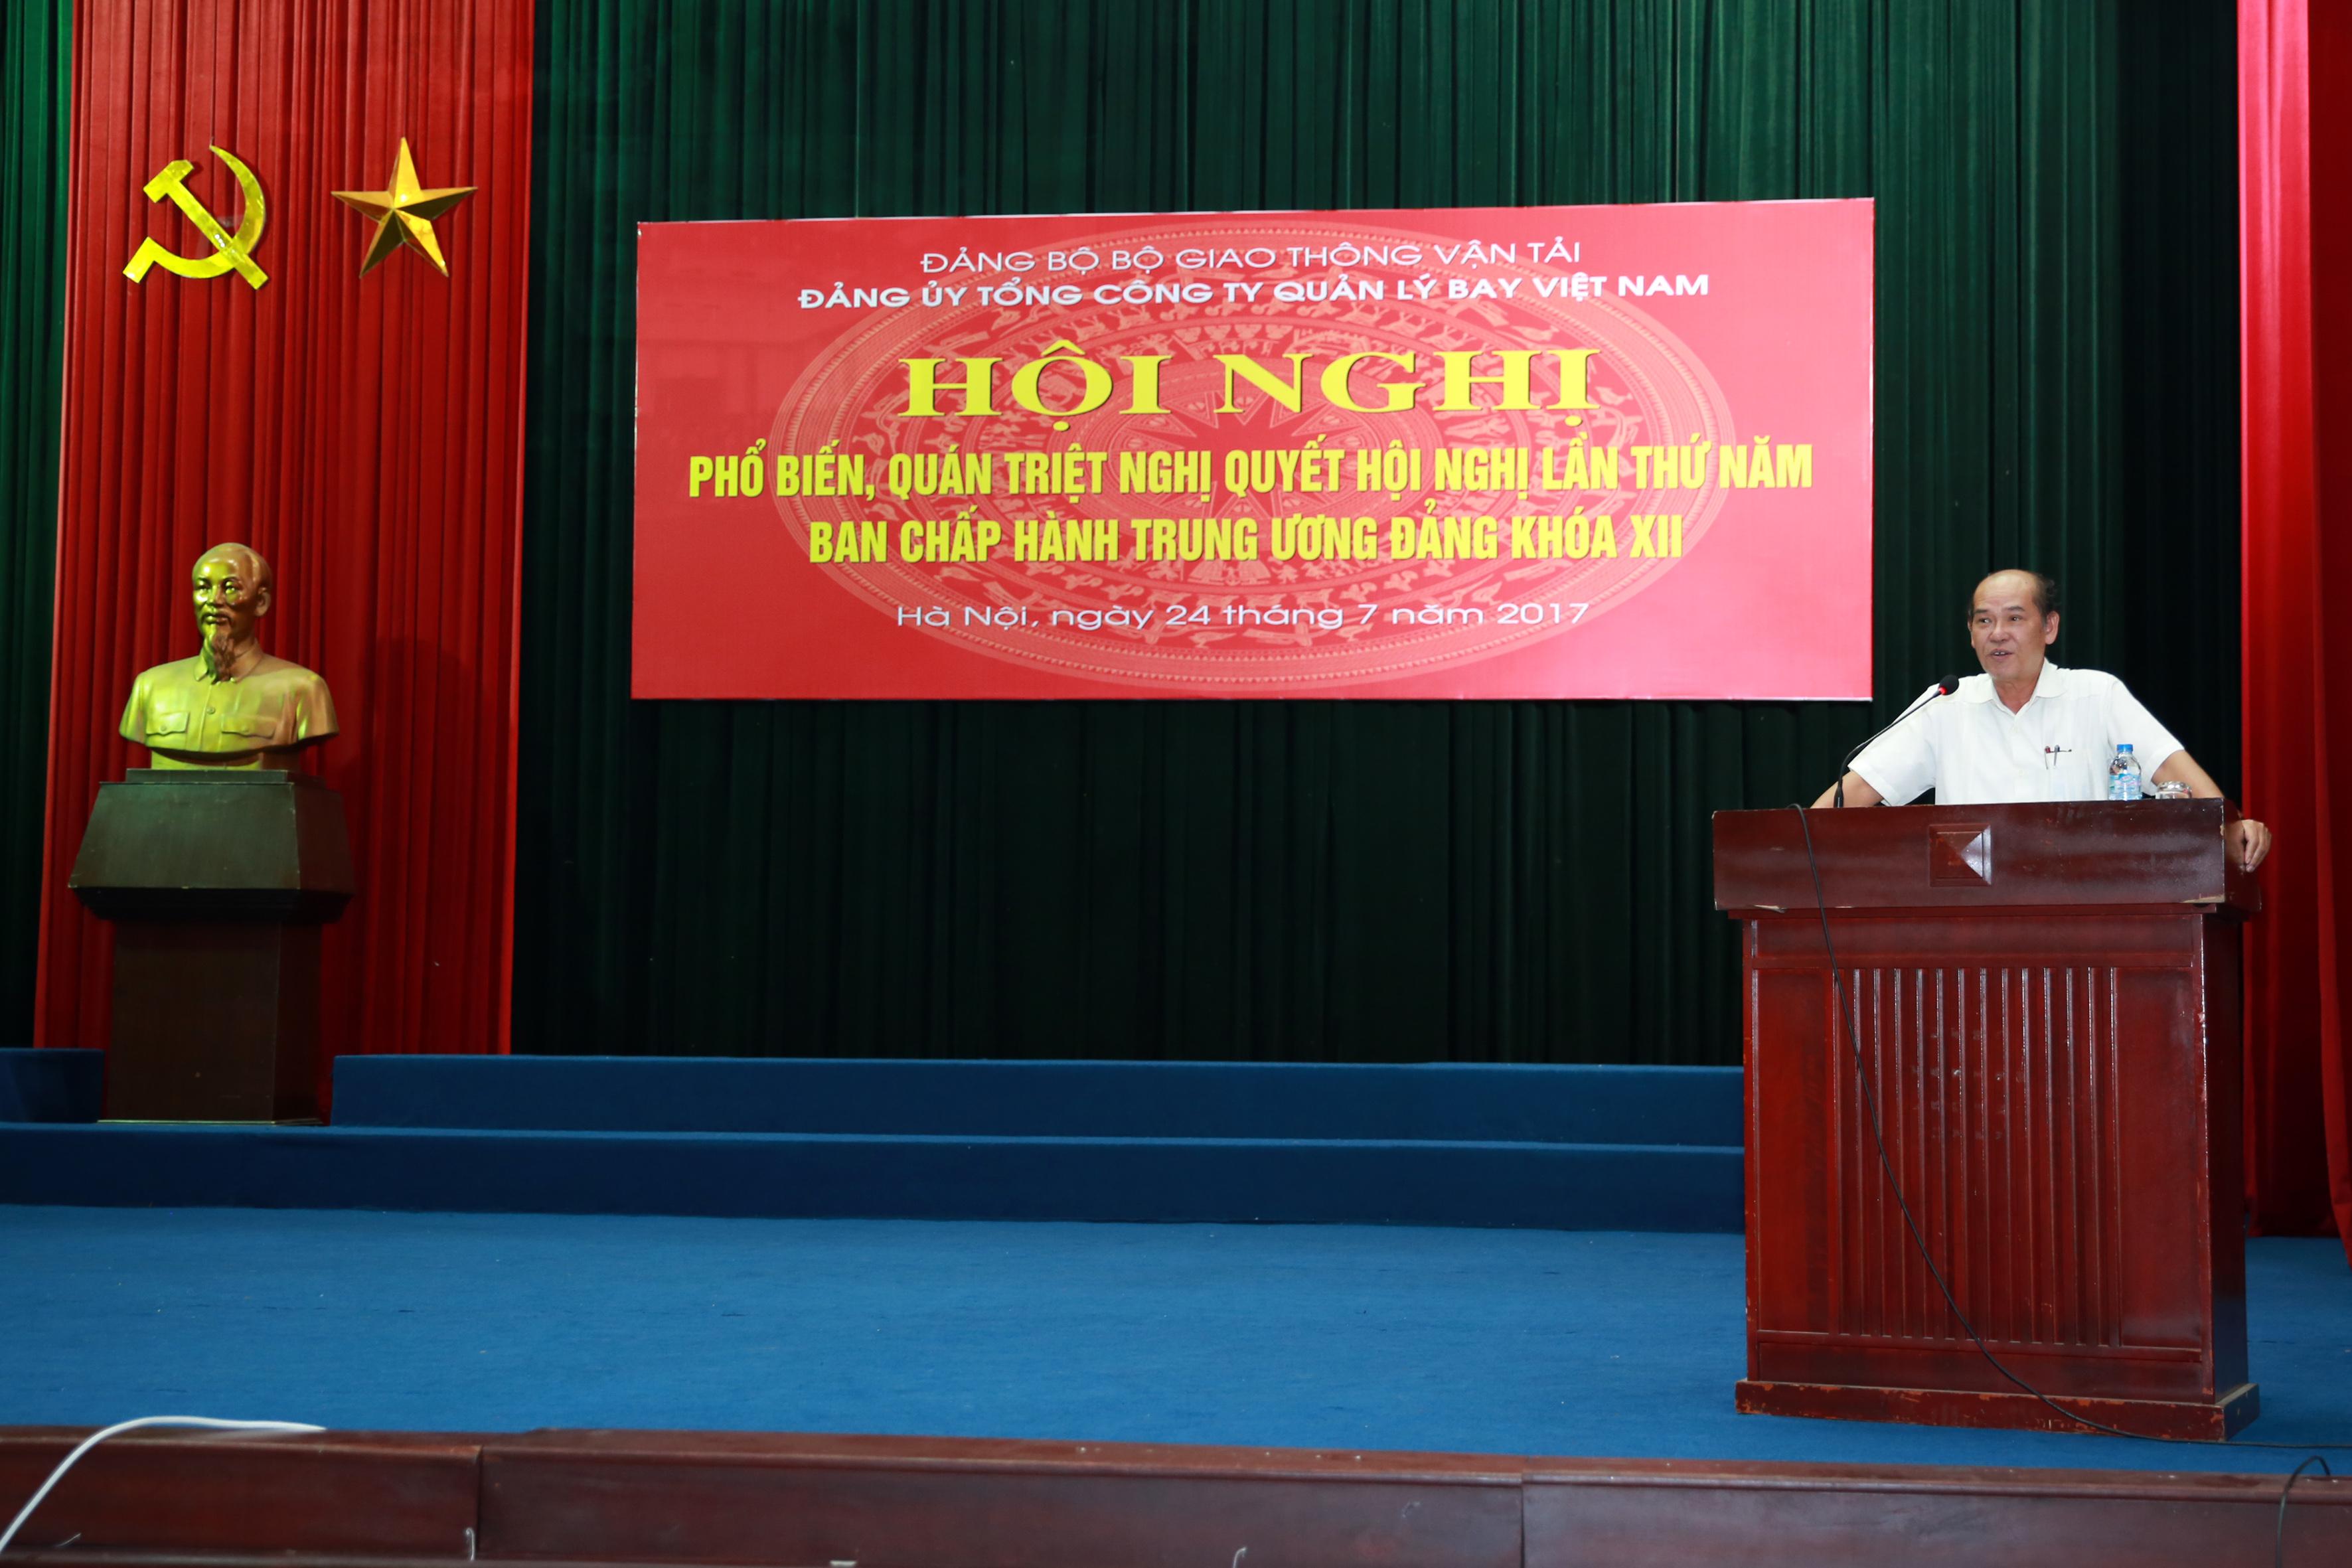 Đảng bộ Tổng công ty Quản lý bay Việt Nam: Không ngừng vươn lên và quyết tâm phấn đấu liên tục hoàn thành xuất sắc nhiệm vụ chính trị